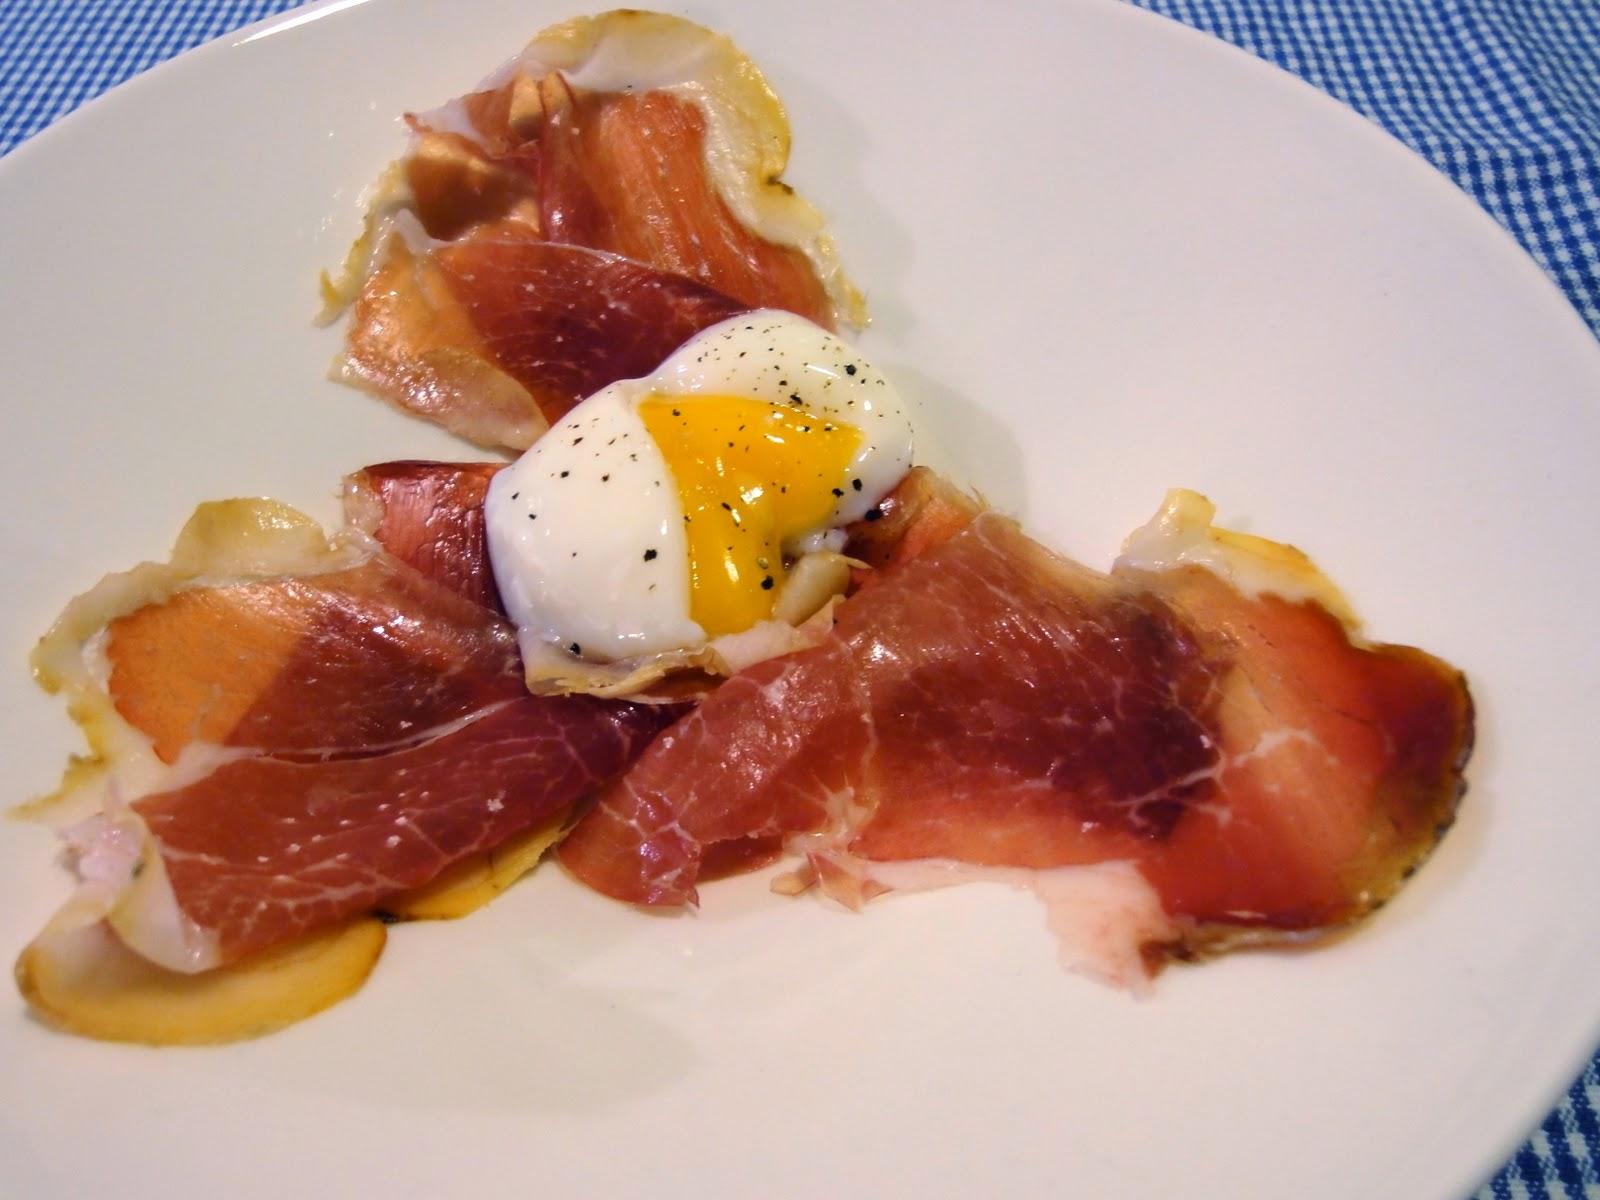 kananmunan keittäminen löysäksi